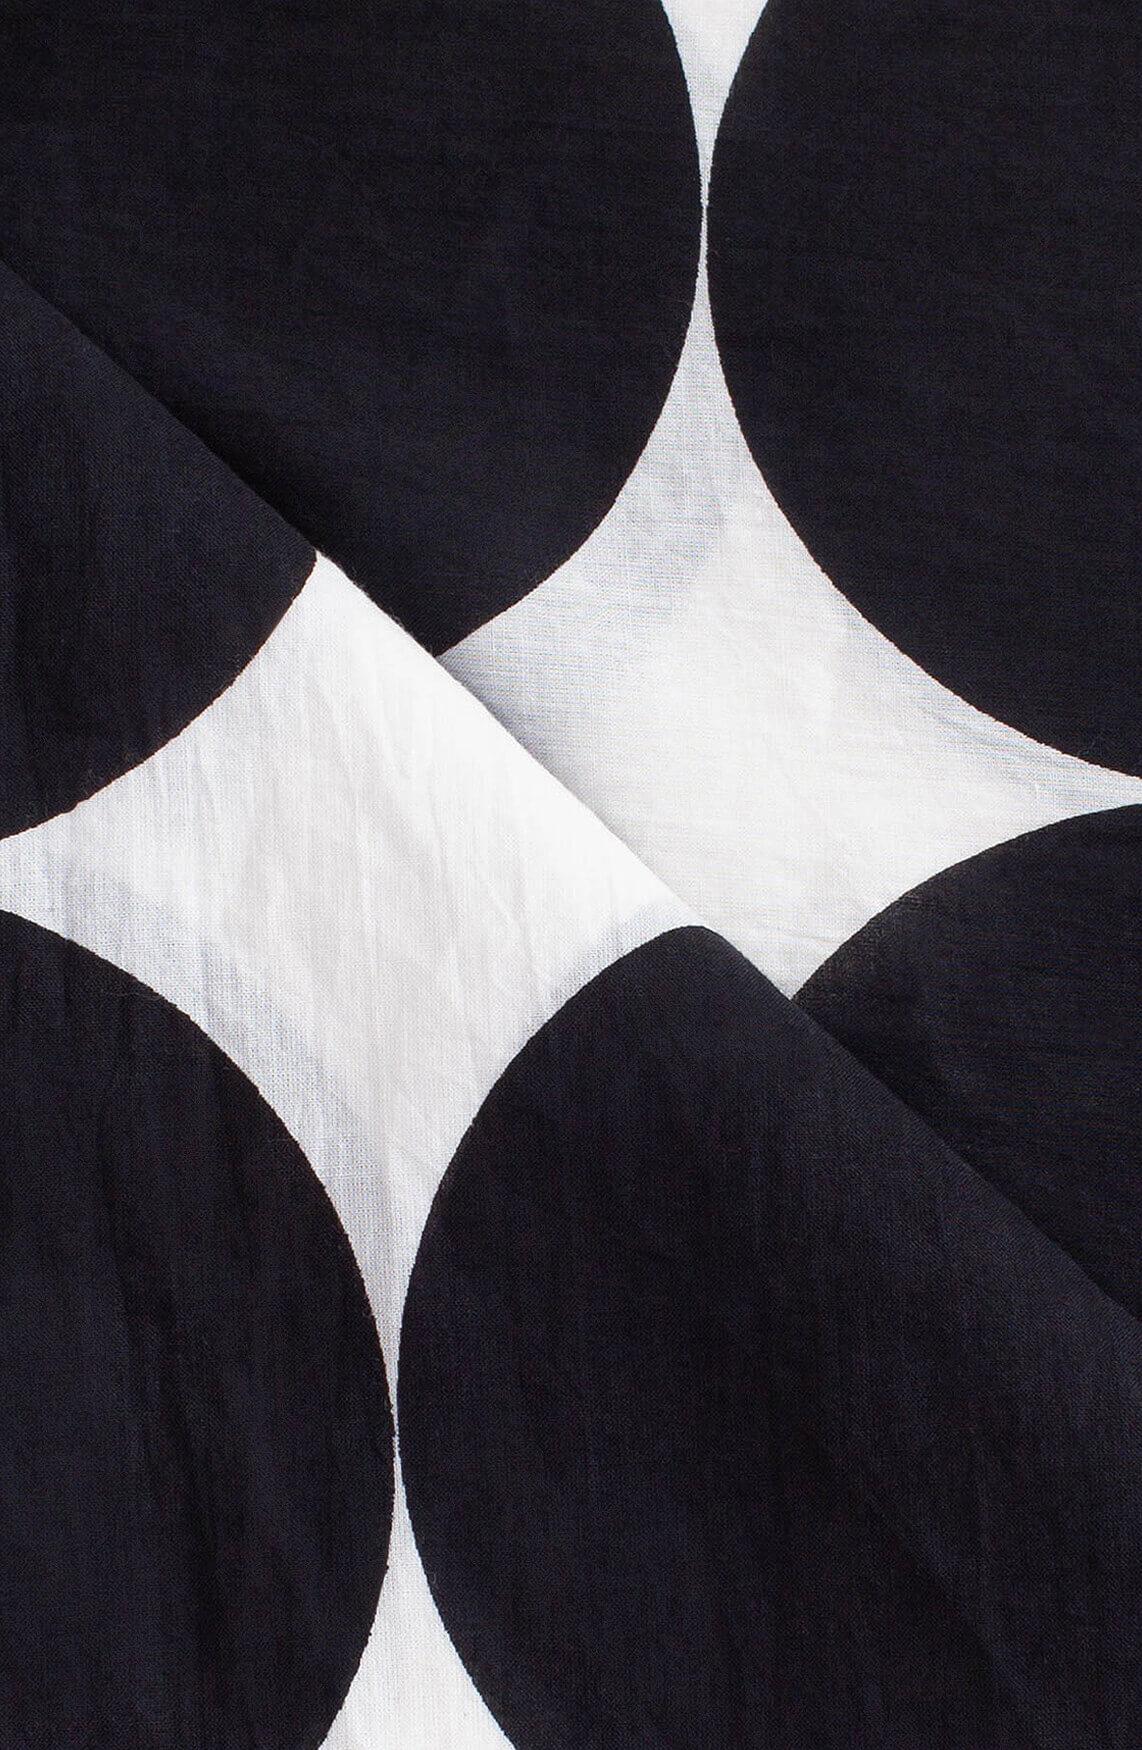 Anna Dames Polkadot shawl zwart